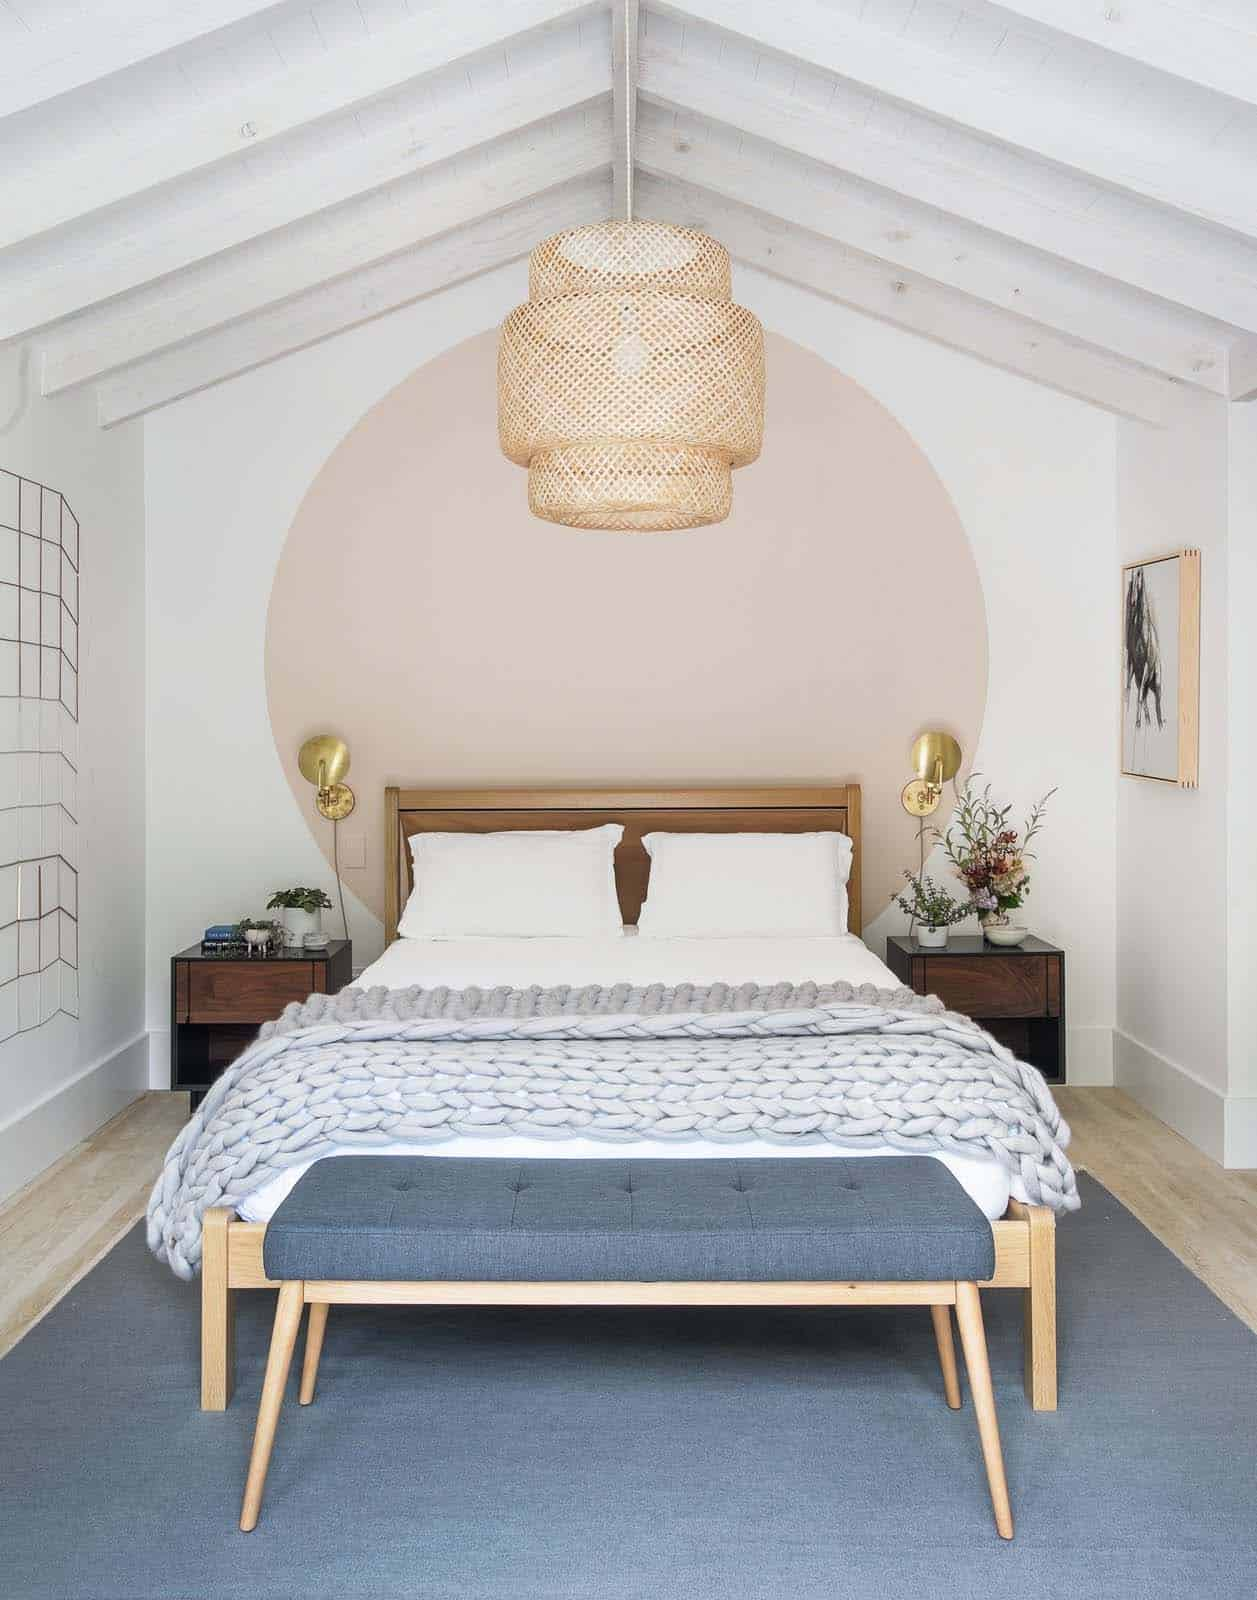 Retraite à la plage de style scandinave-Jessica Helgerson Interior Design-12-1 Kindesign